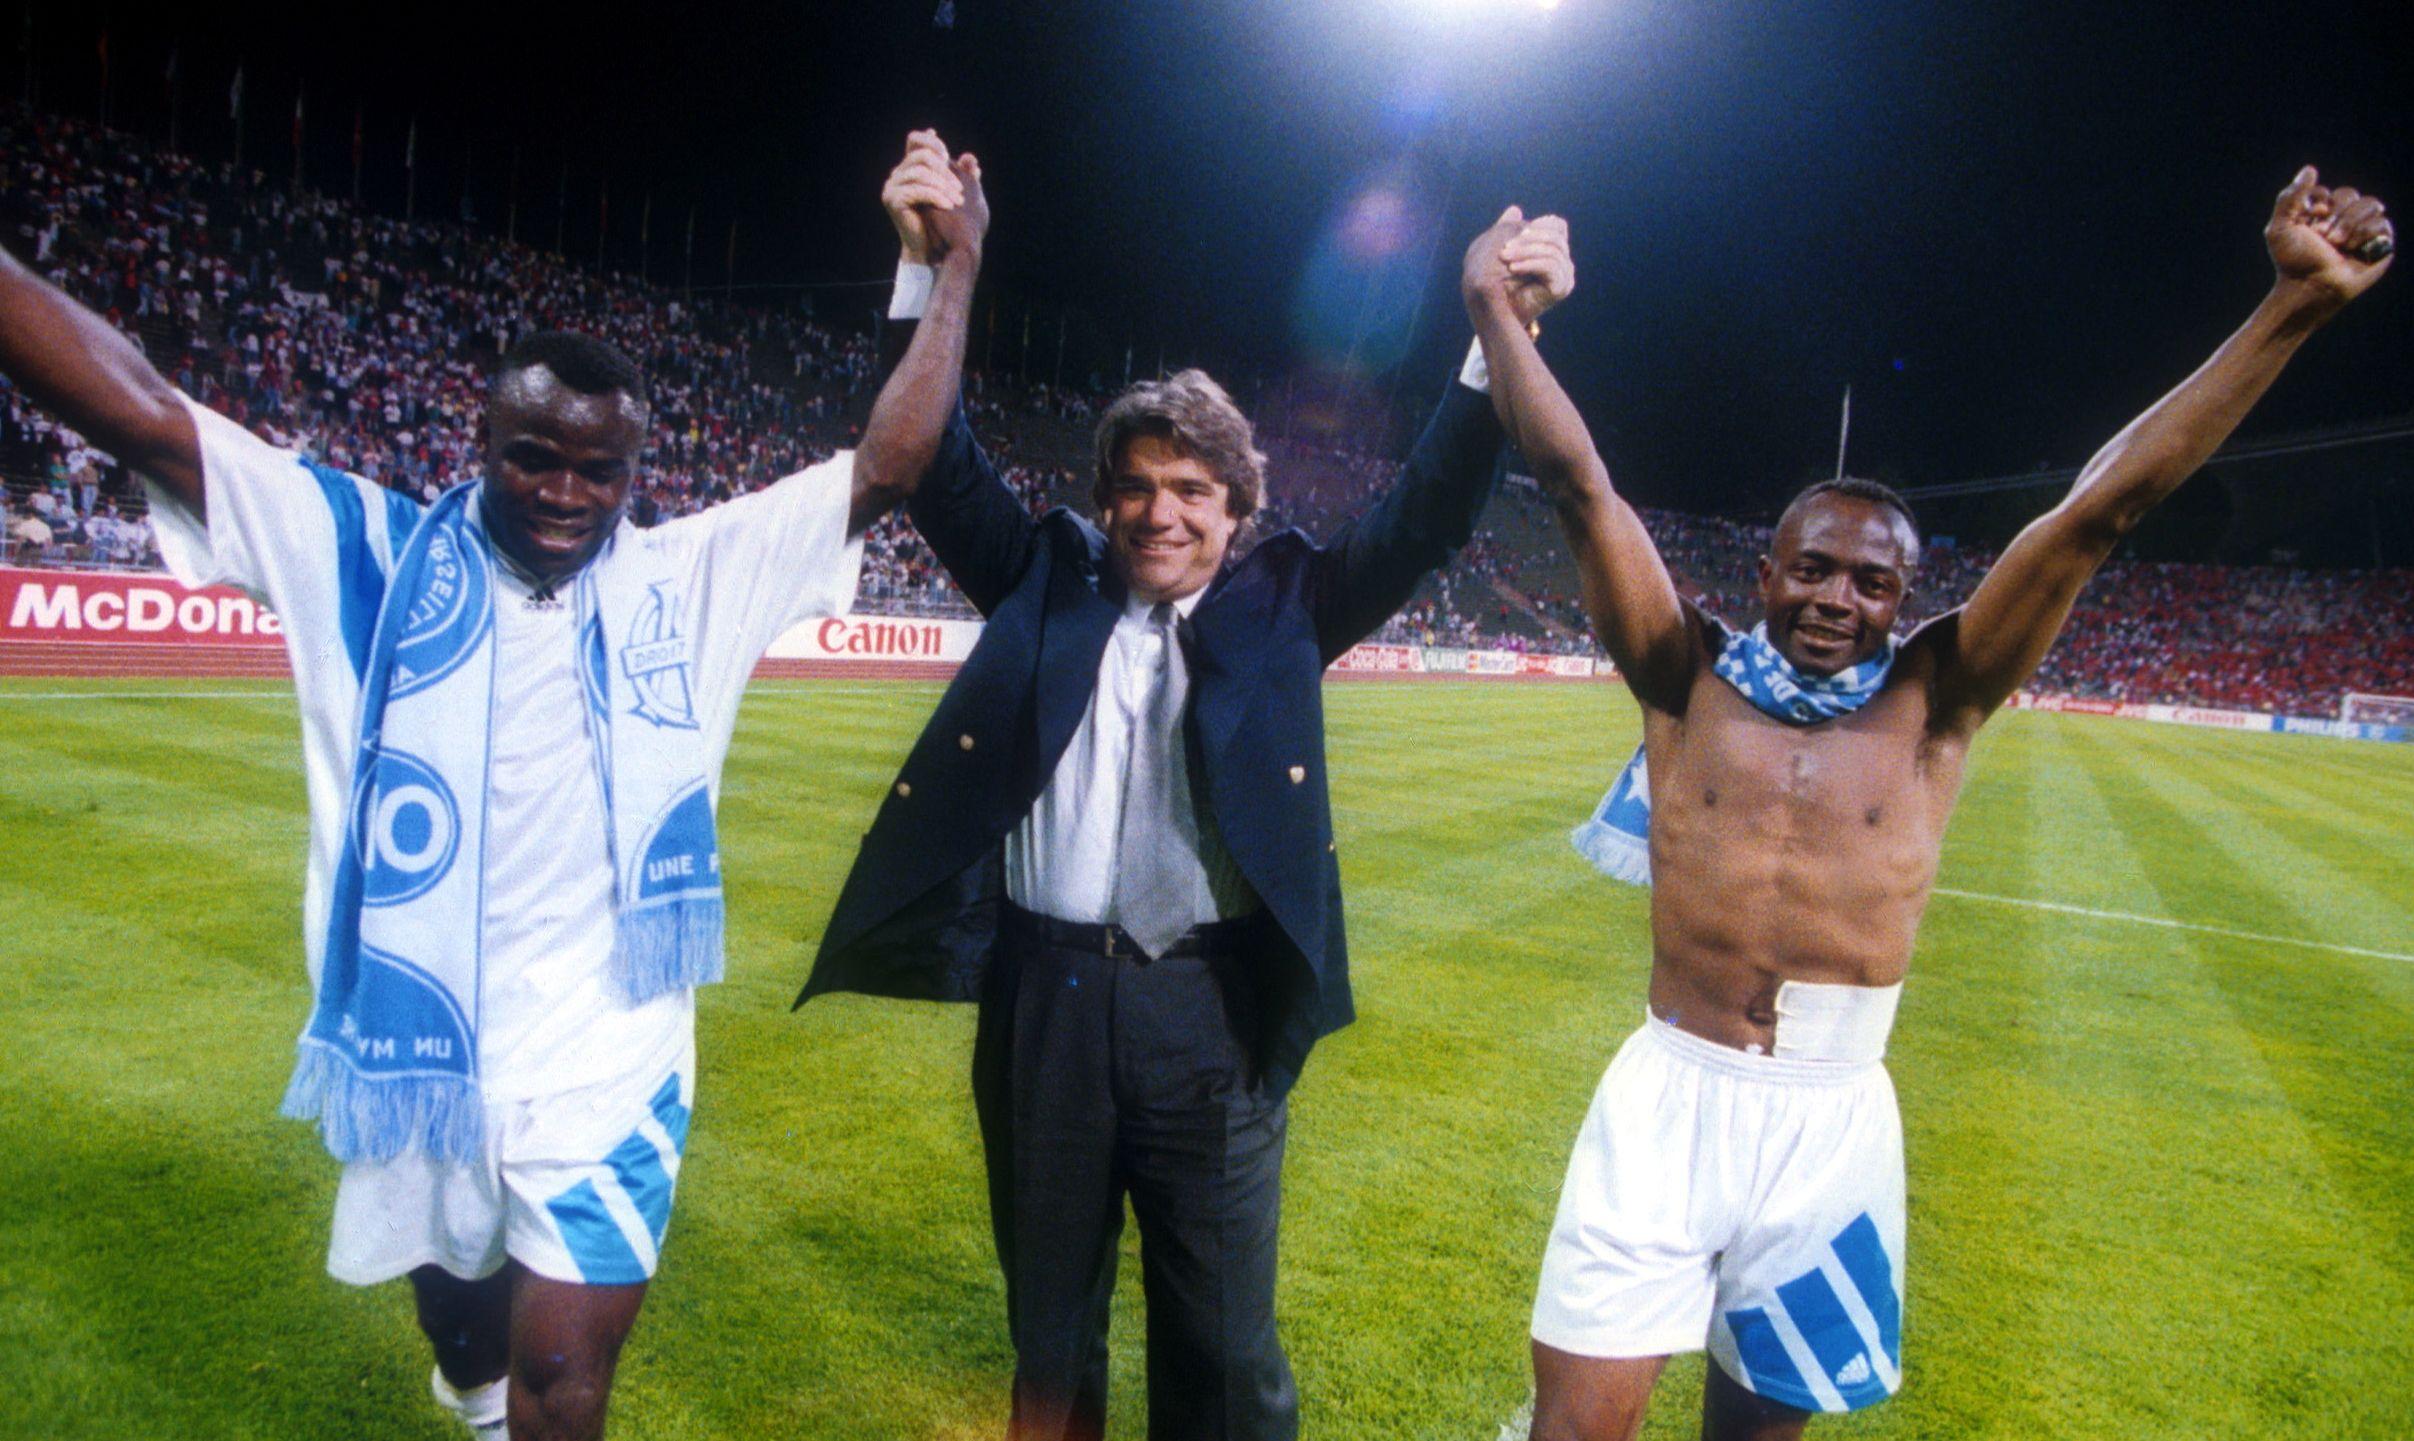 Football - Transferts - Bernard Tapie a fait croire qu'Abedi Pelé avait le sida pour le recruter